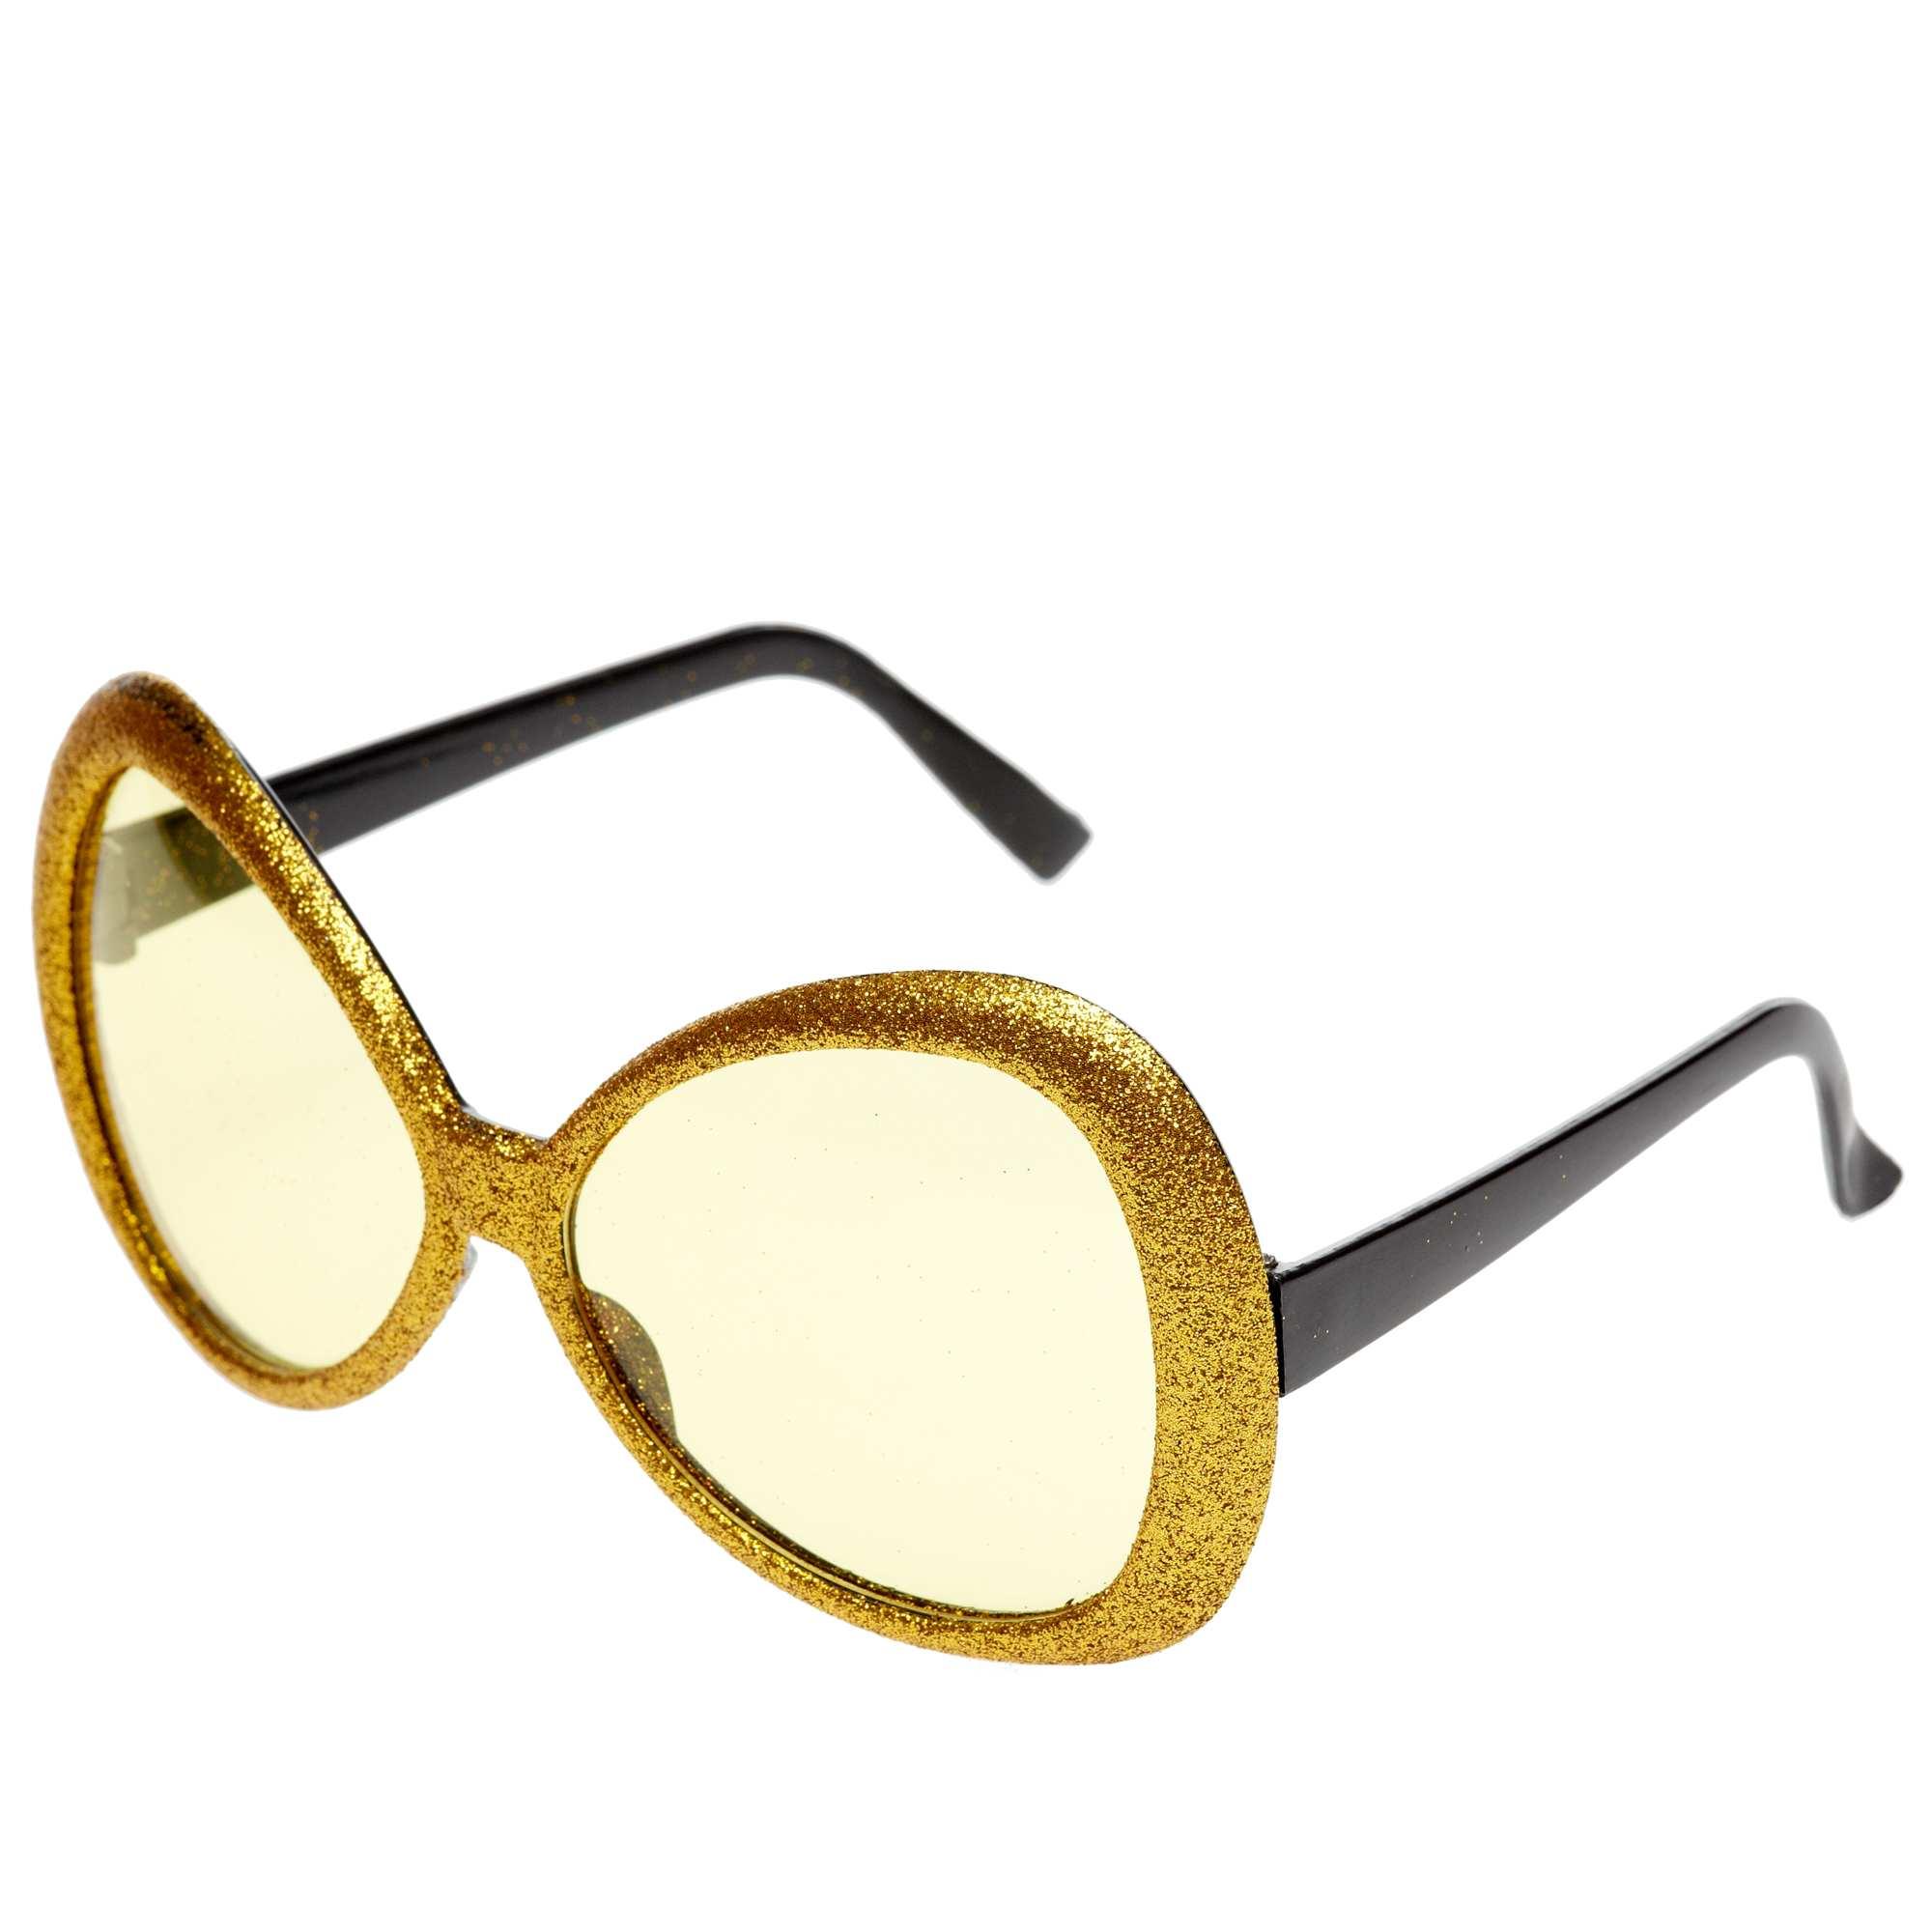 ca2136f13a Lunettes maxi à paillettes Accessoires - doré - Kiabi - 3,00€